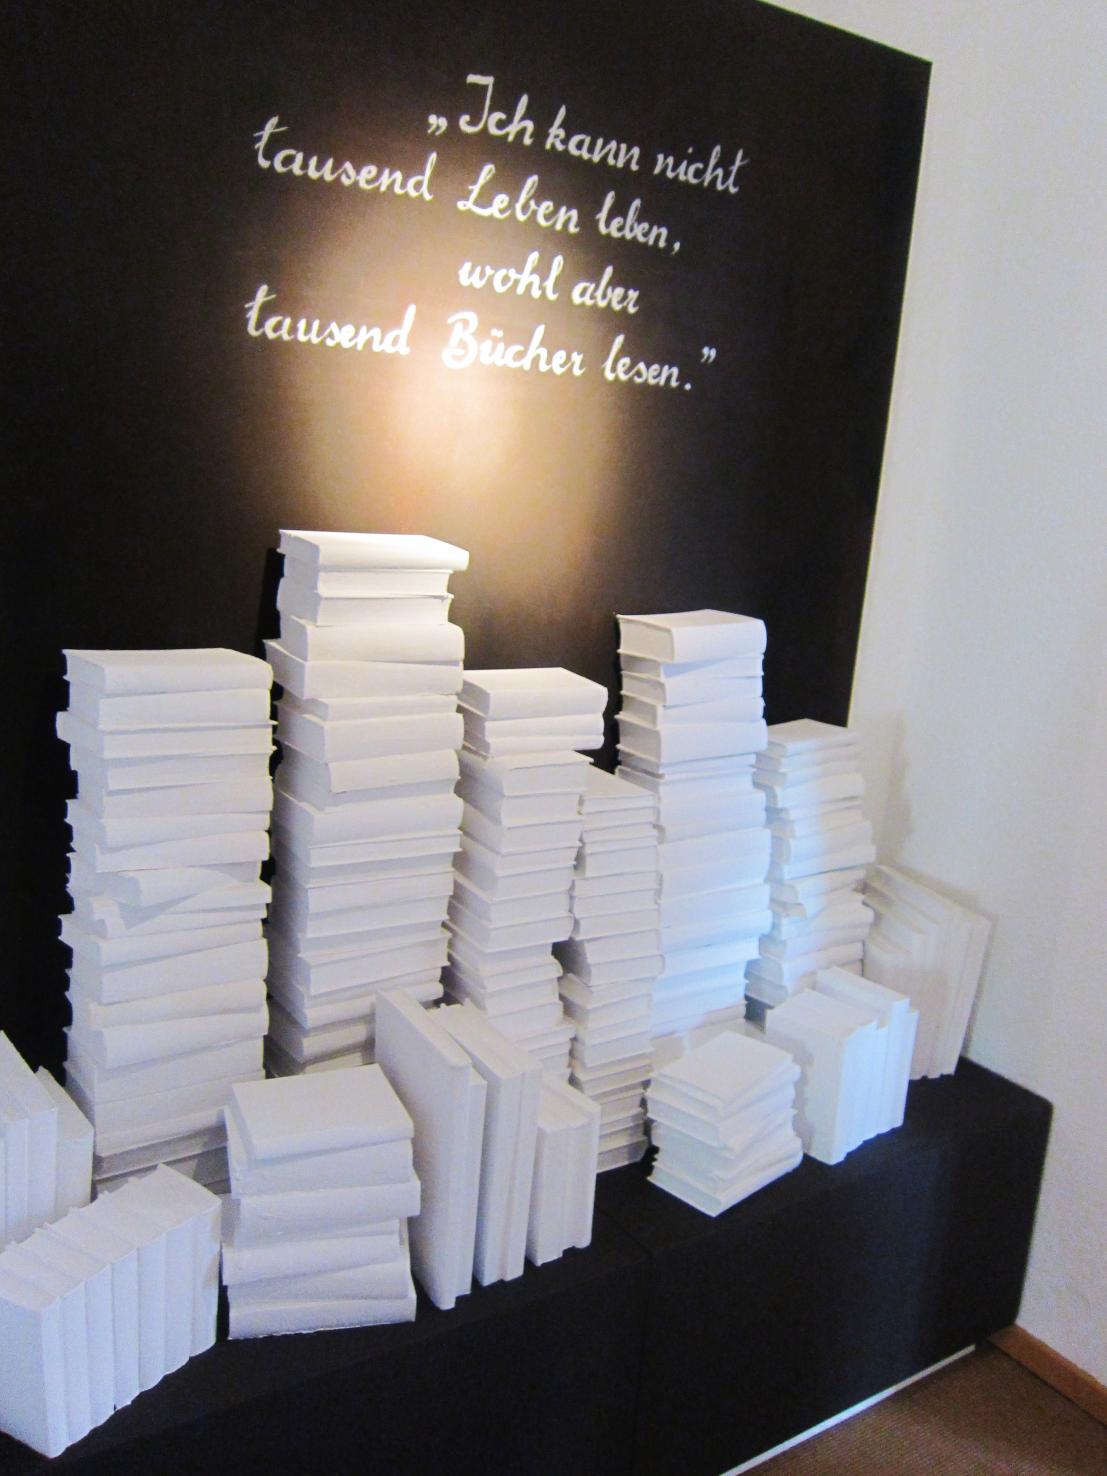 Installation im Museum mit Zitat von Bowien in Hommage an die Tausende von Büchern umfassende Sammlung von Bowien